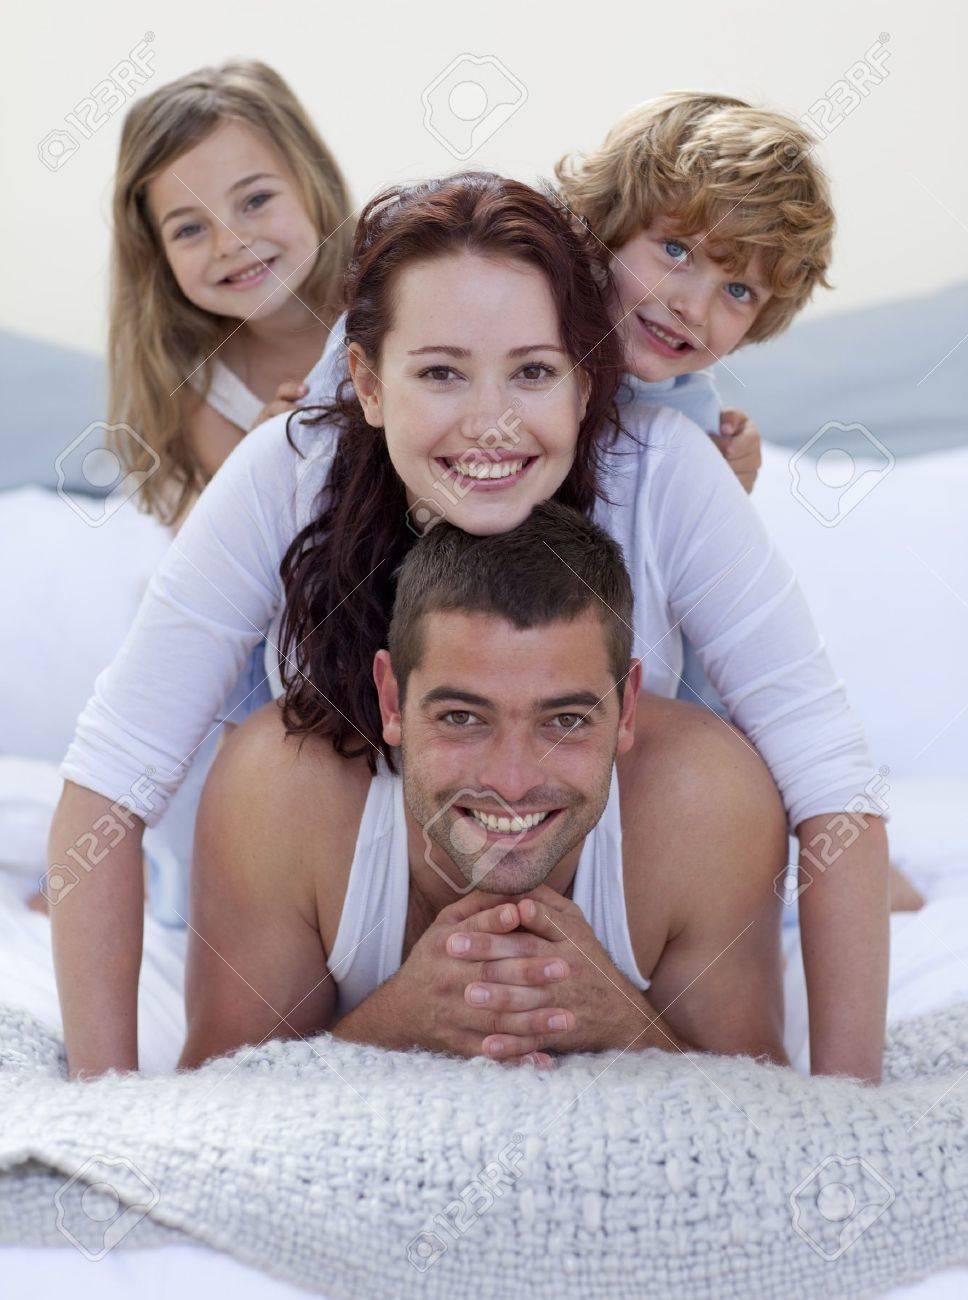 Постельные игры семейных пар фото 10 фотография